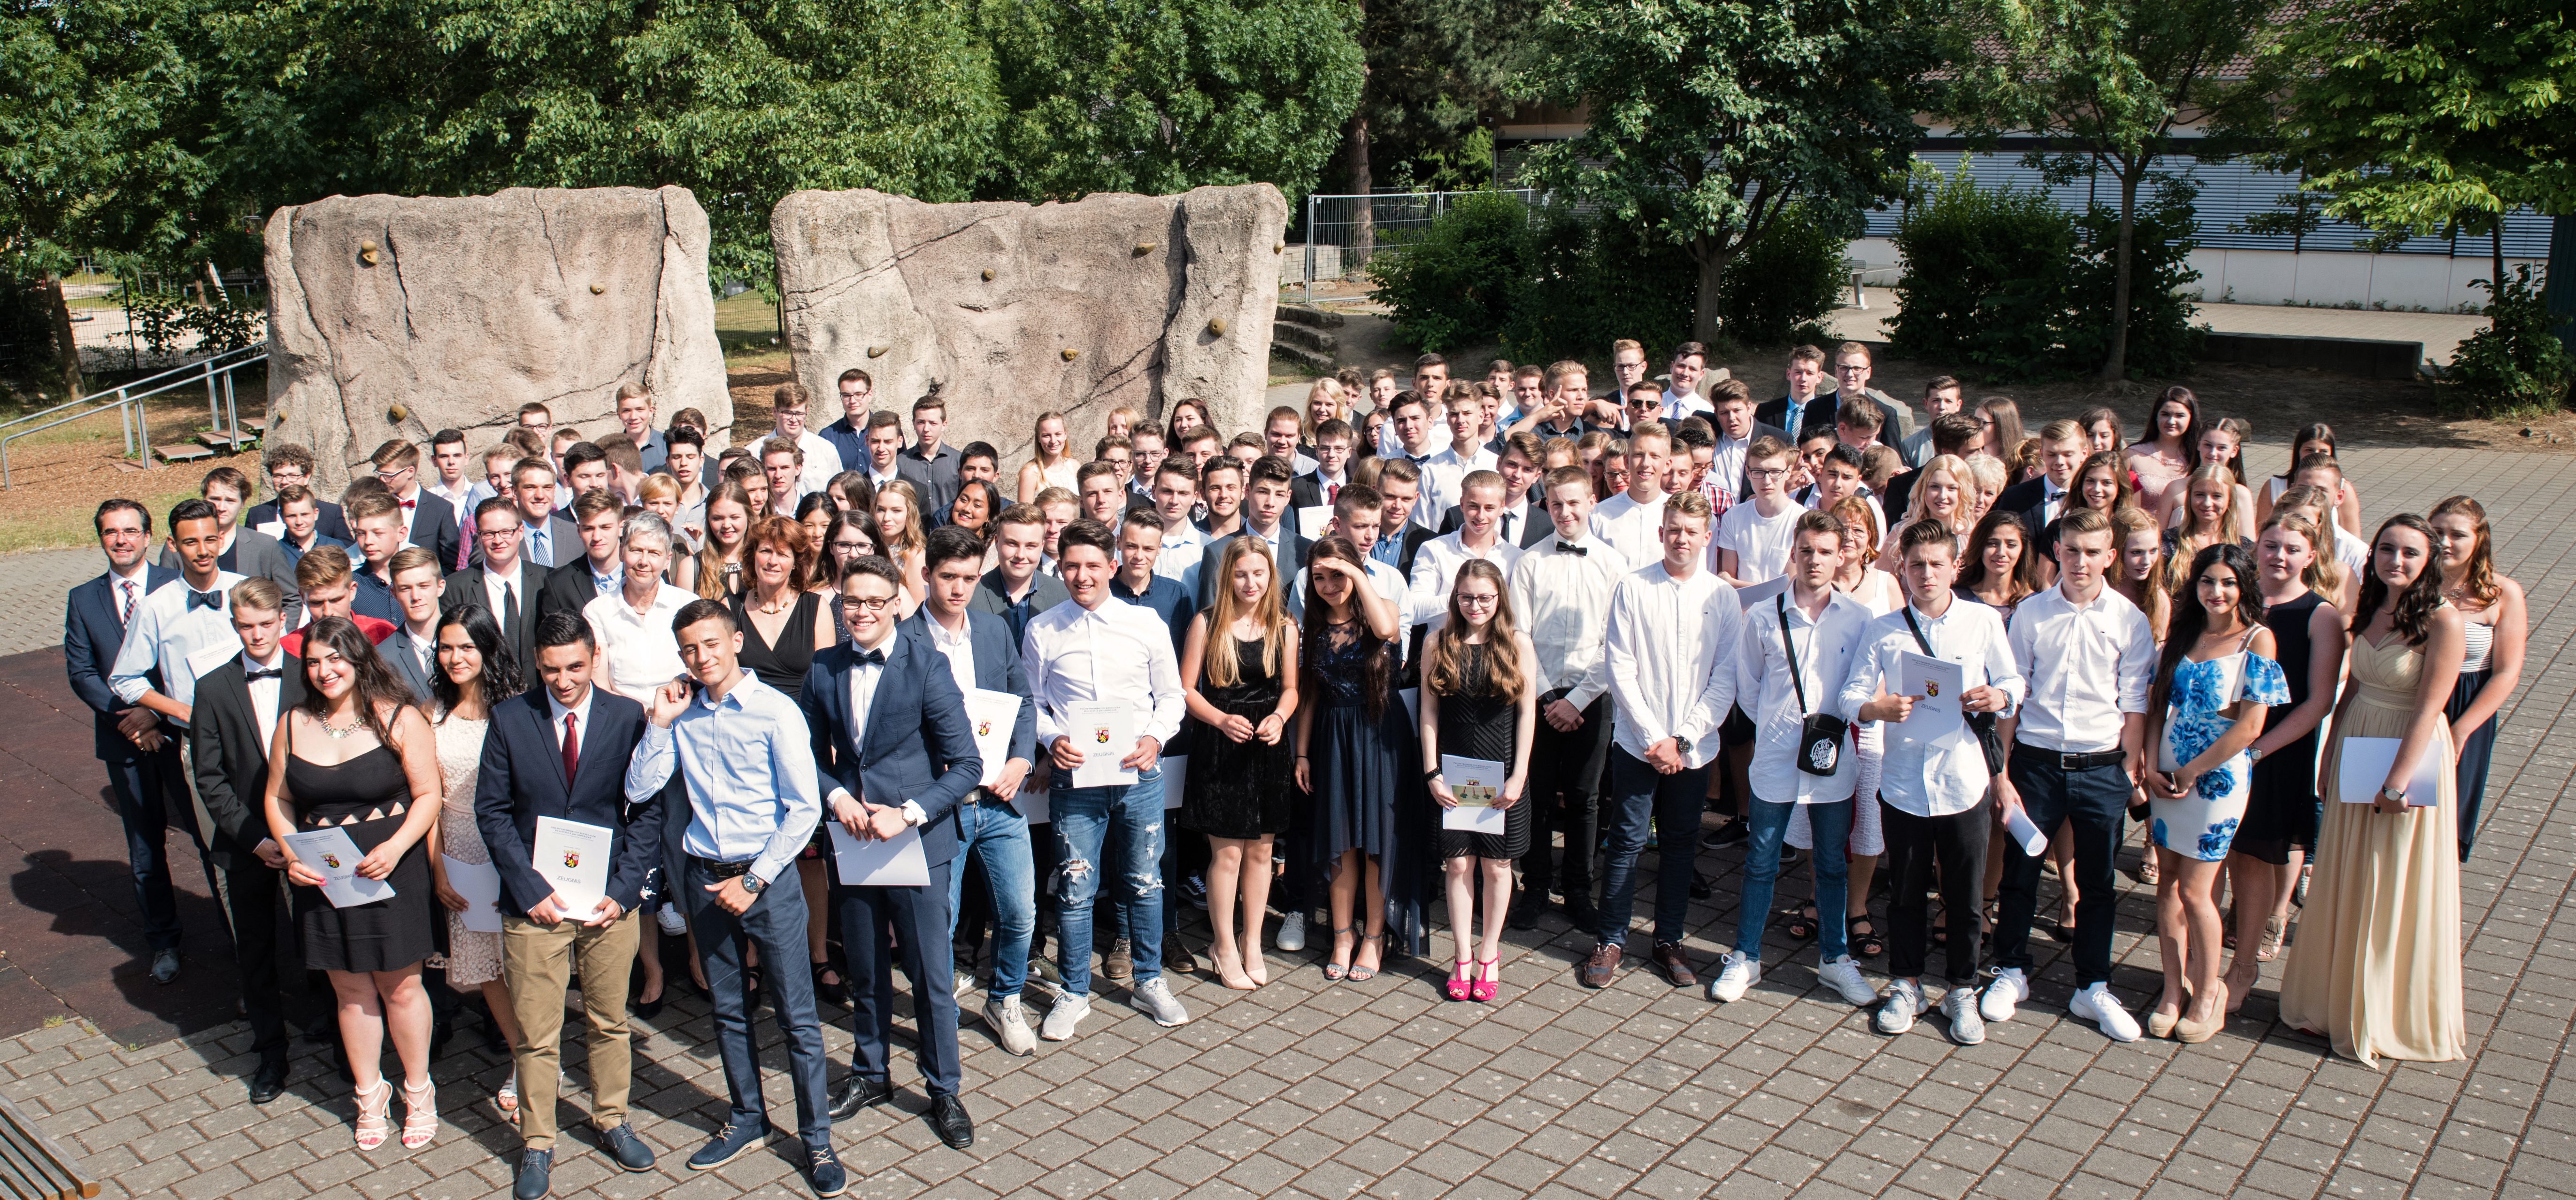 Die 136 Abgänger der Abschlussklassen der Philipp Freiherr von Boeselager Realschule plus Ahrweiler